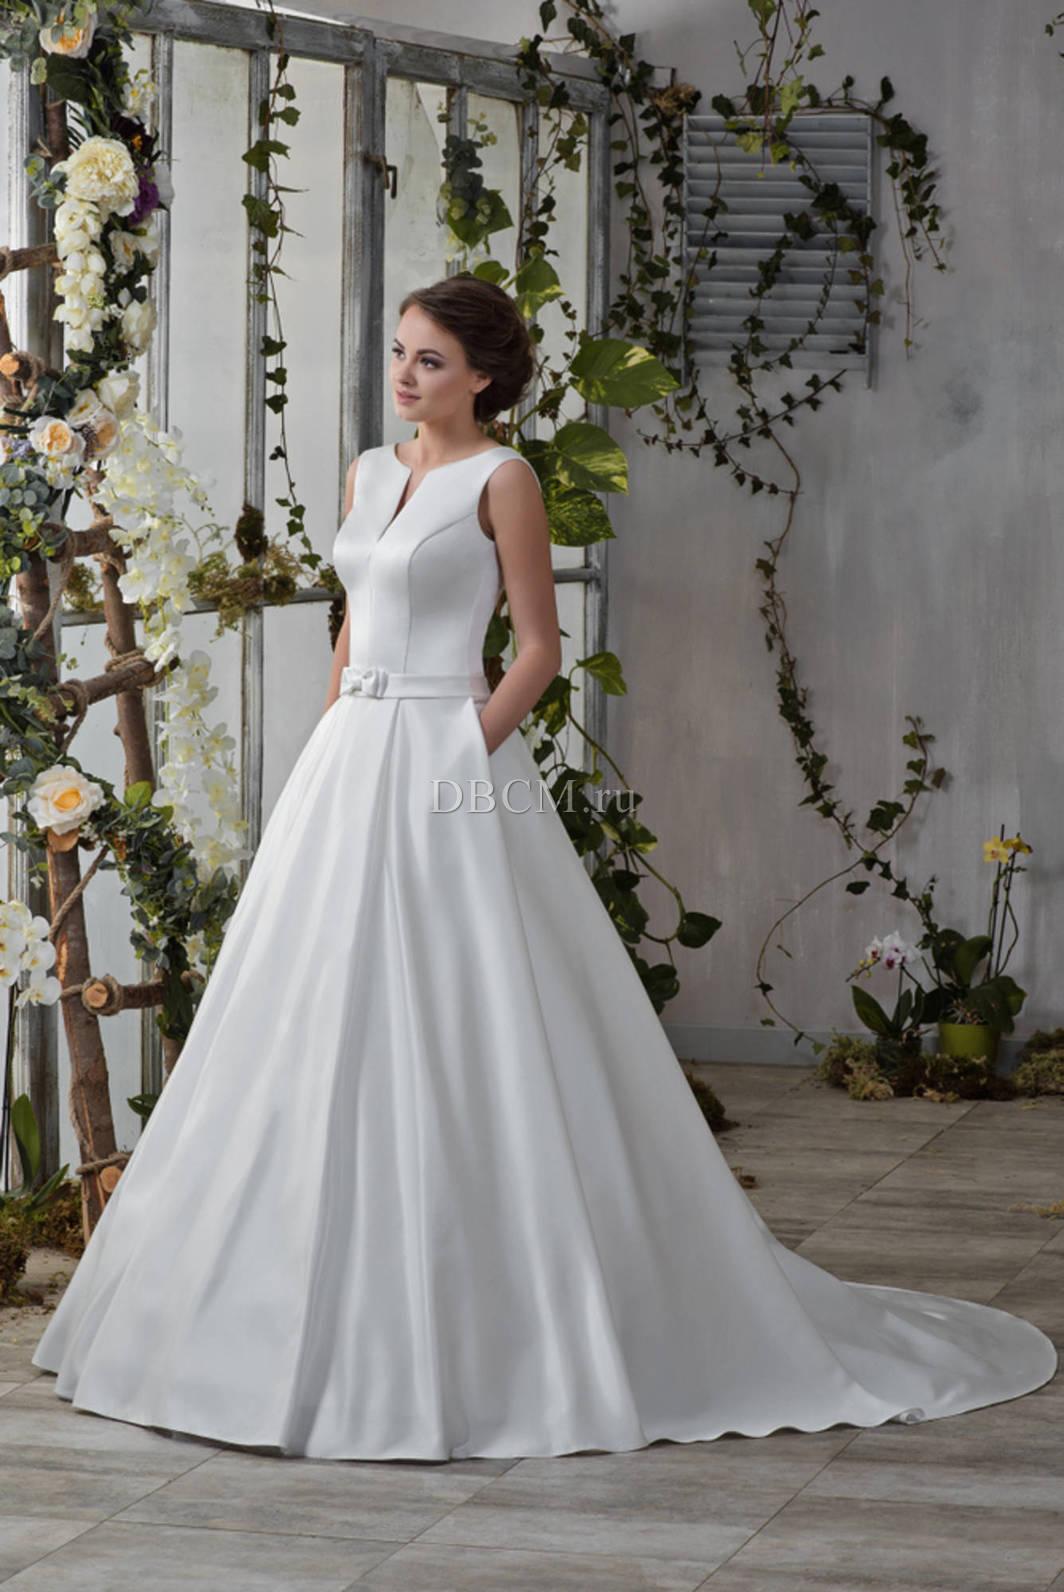 Волгоград Свадебные Платья Недорого Форум